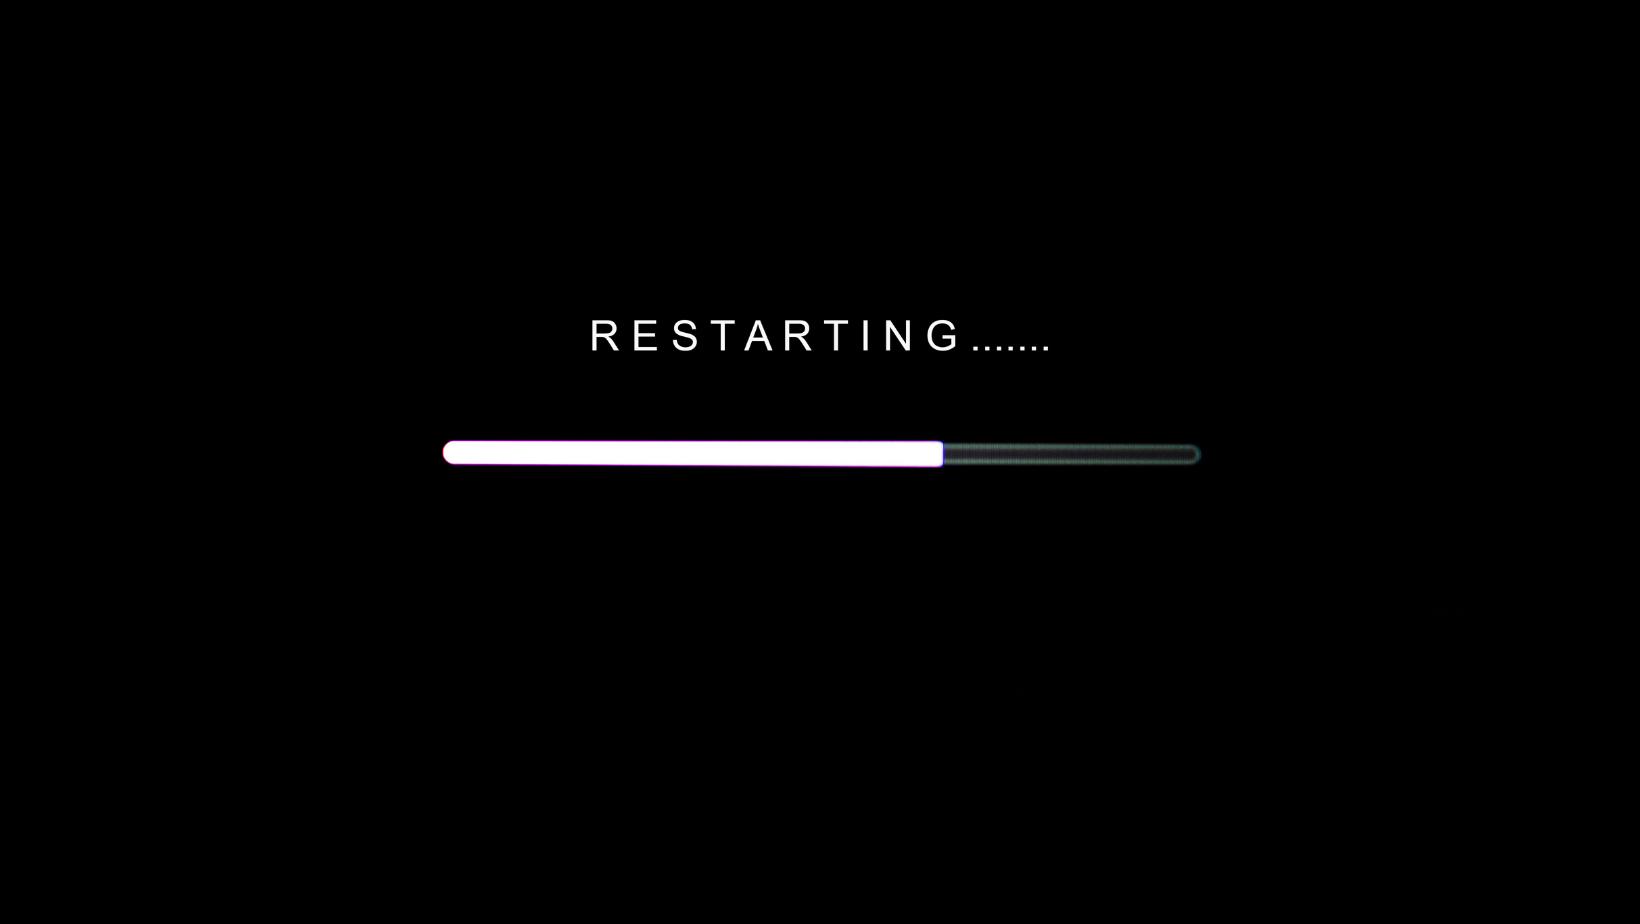 Reboot black